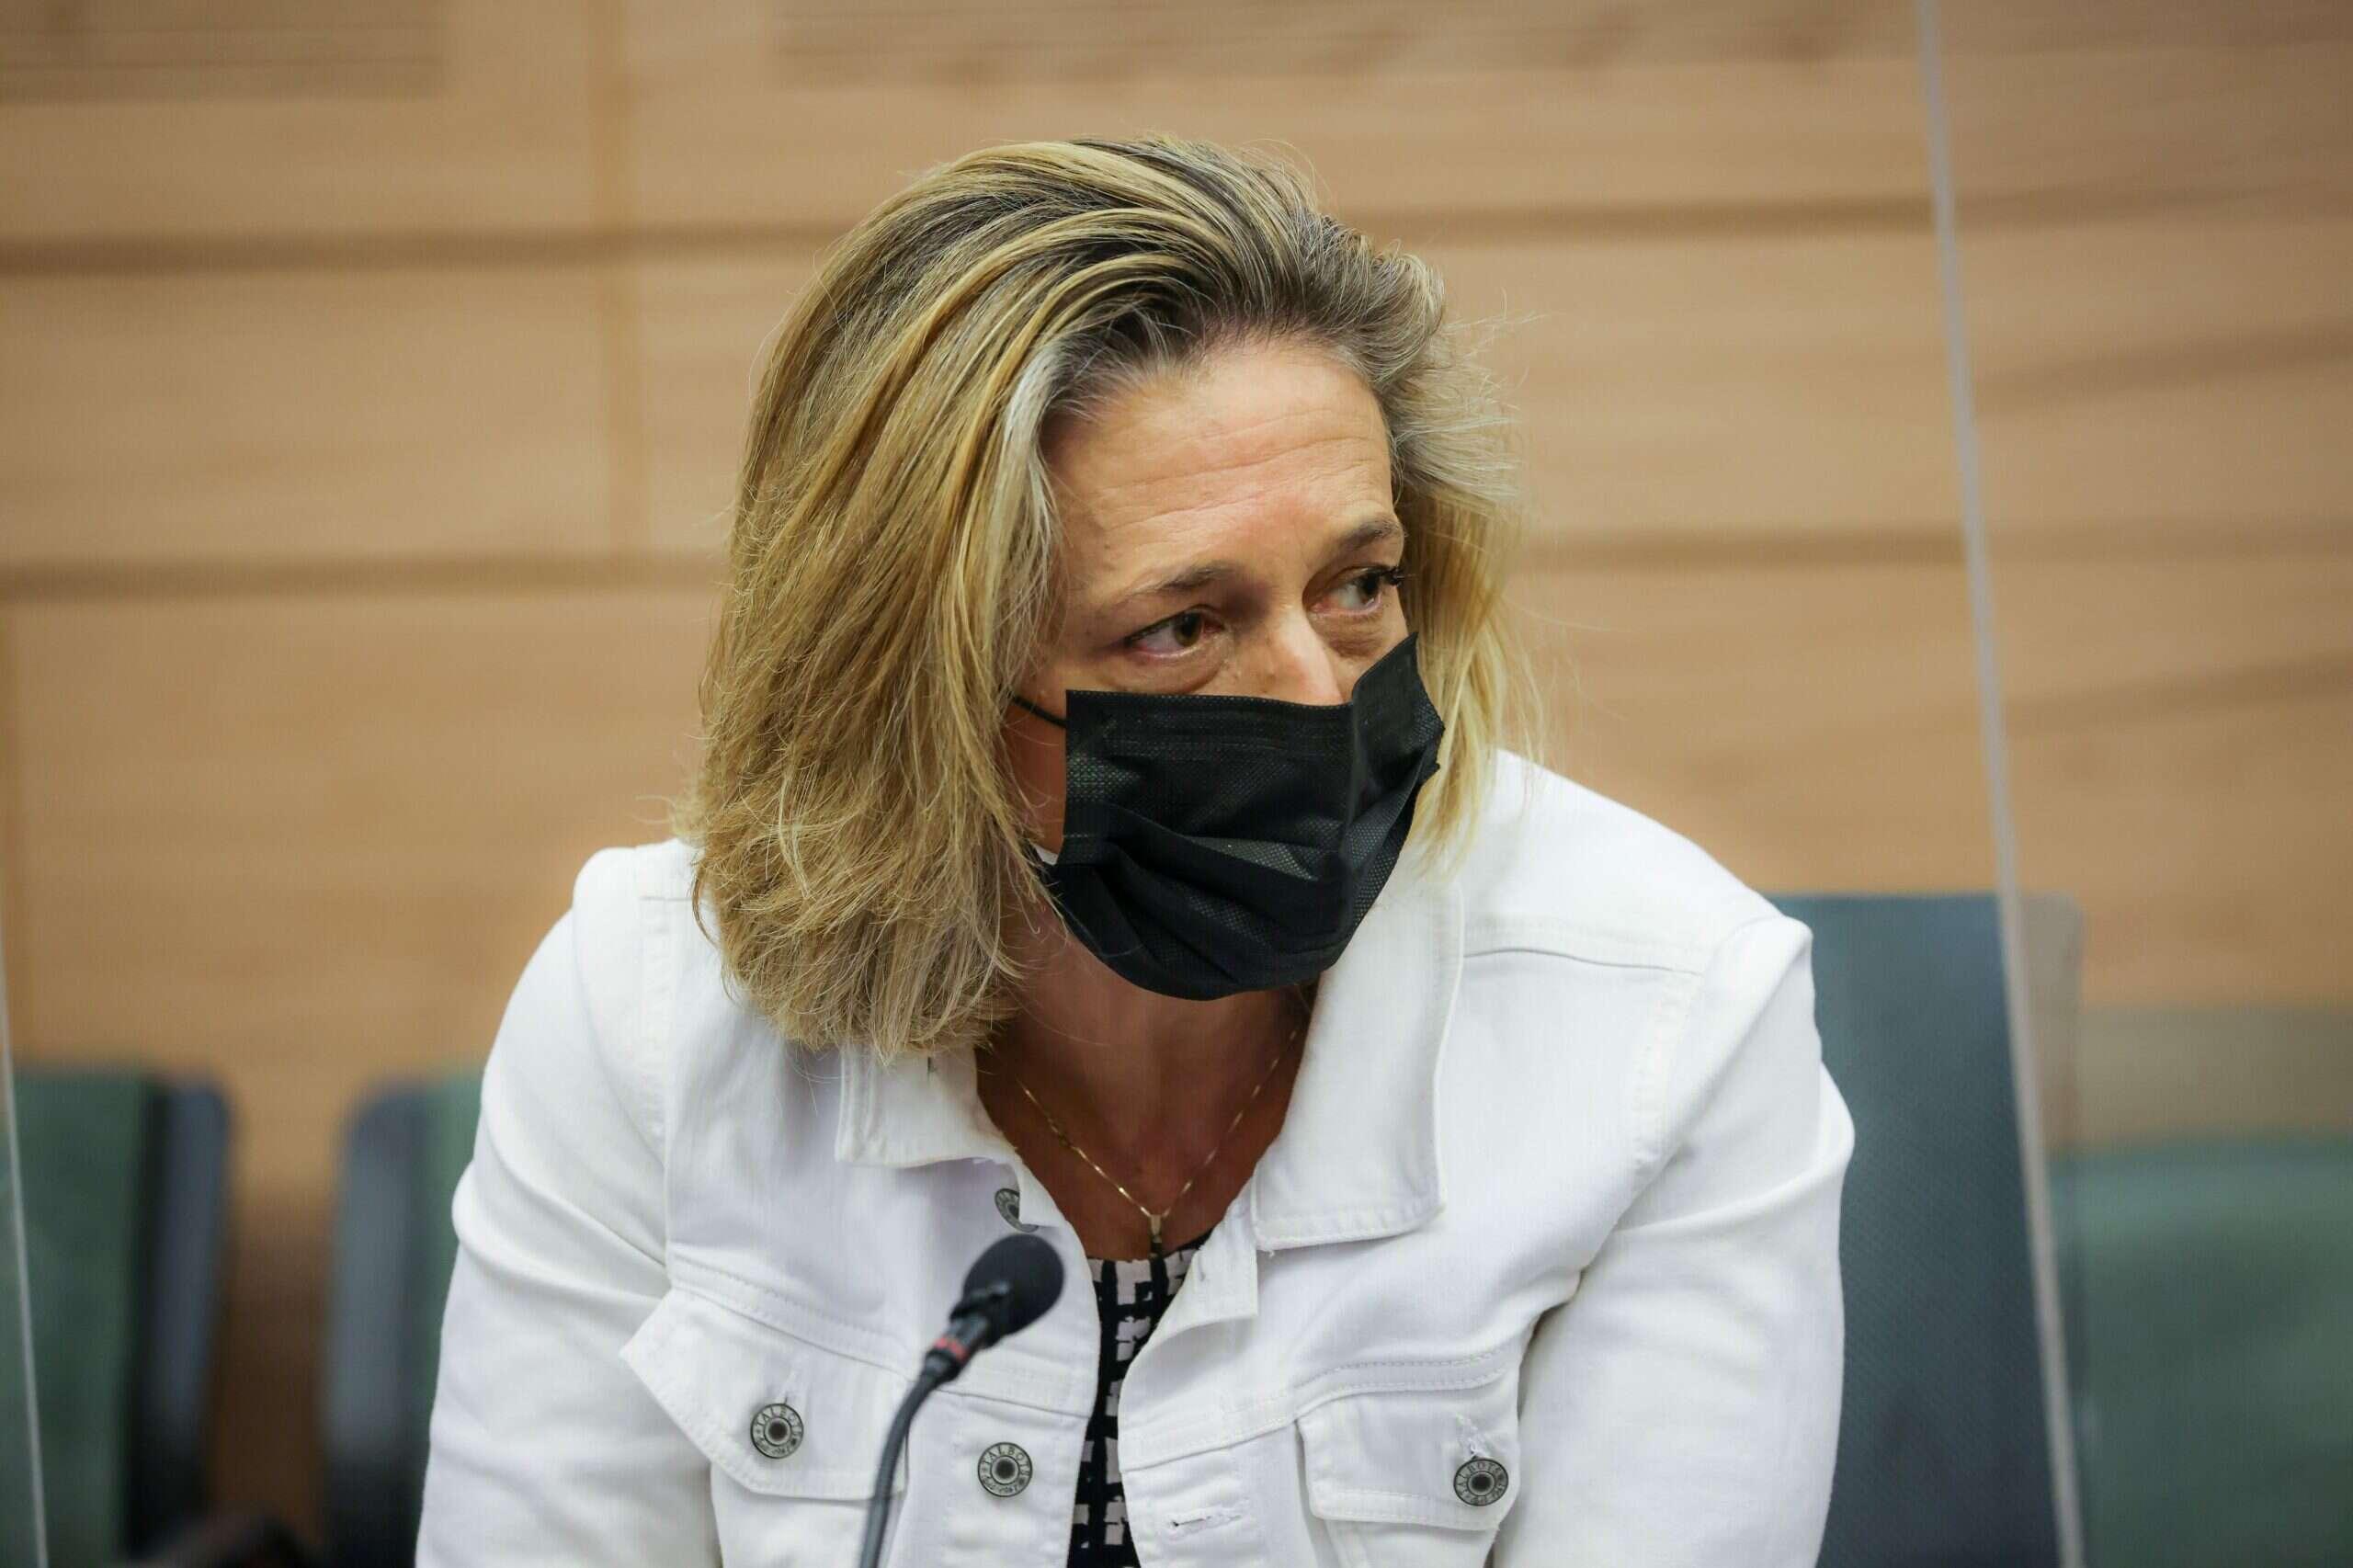 """תלונה הוגשה בעקבות האיומים על ד""""ר אלרעי פרייס, בעלה נגד המשטרה: """"חייבים לפעול"""""""